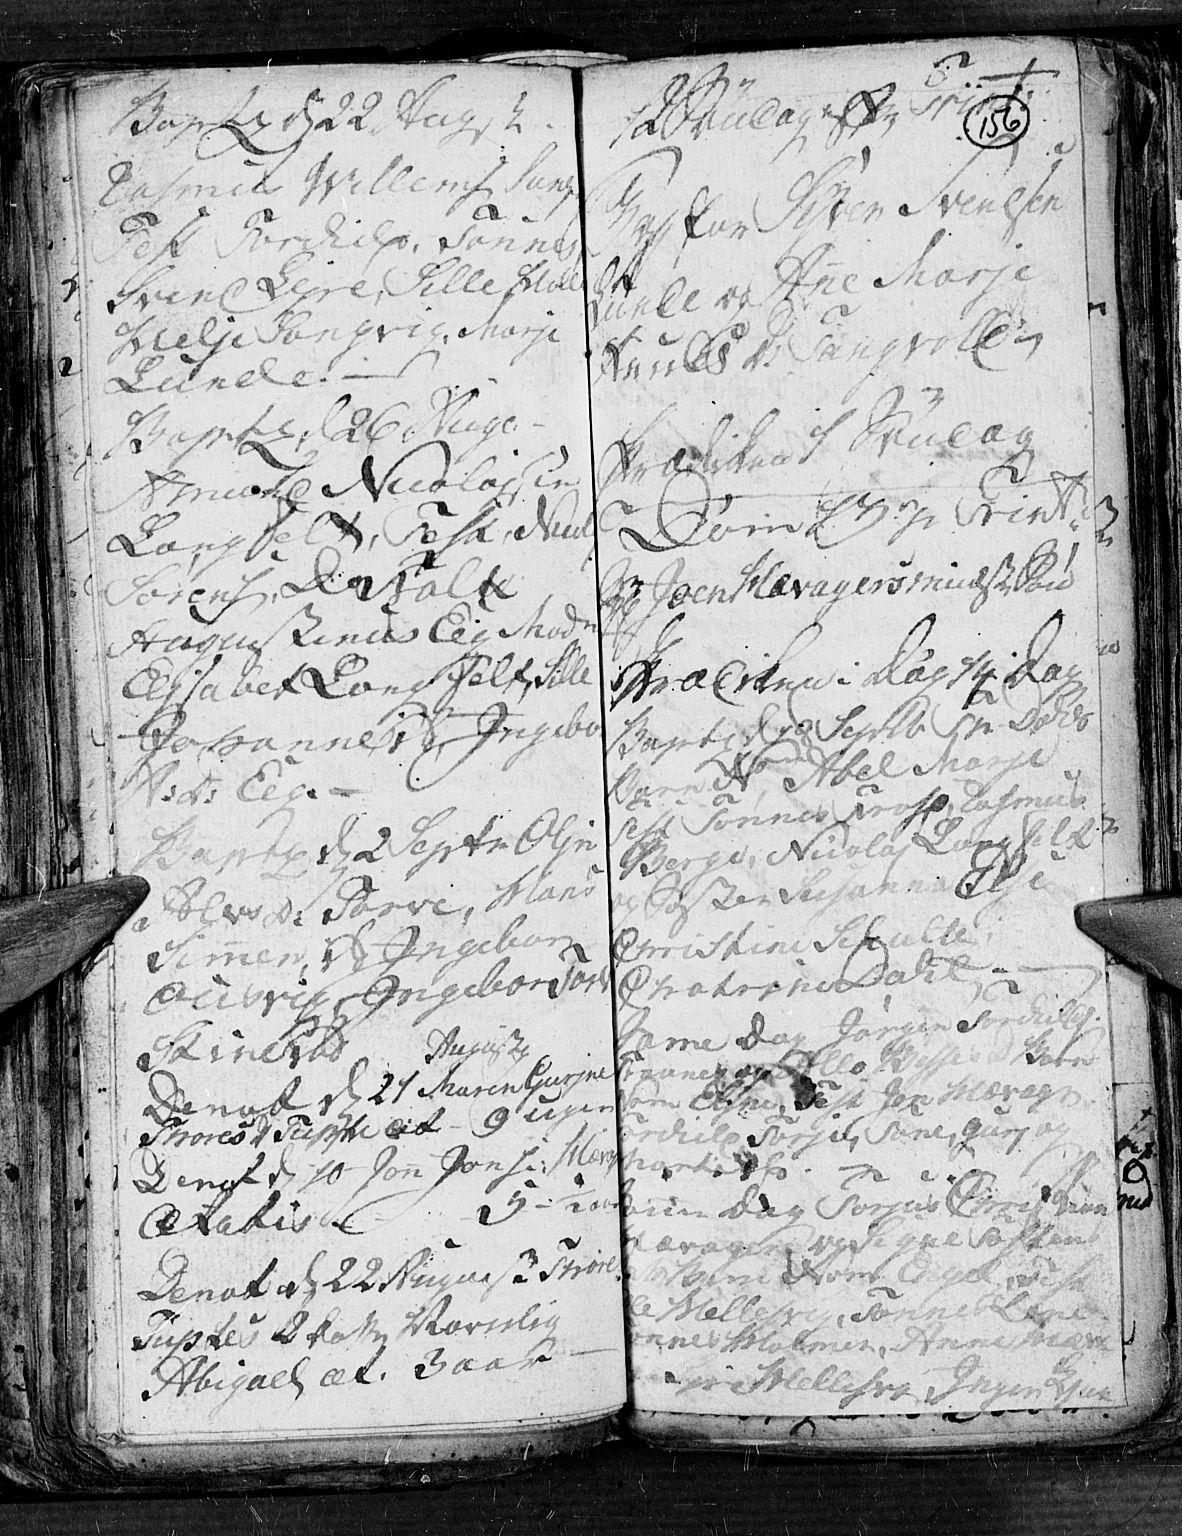 SAK, Søgne sokneprestkontor, F/Fb/Fbb/L0001: Klokkerbok nr. B 1, 1779-1802, s. 156